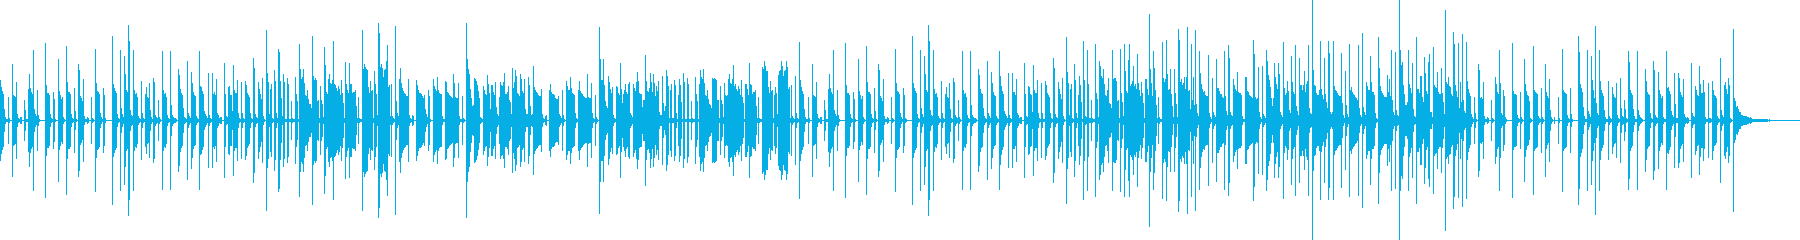 コミカルなリズムで響きのあるメロディーの再生済みの波形